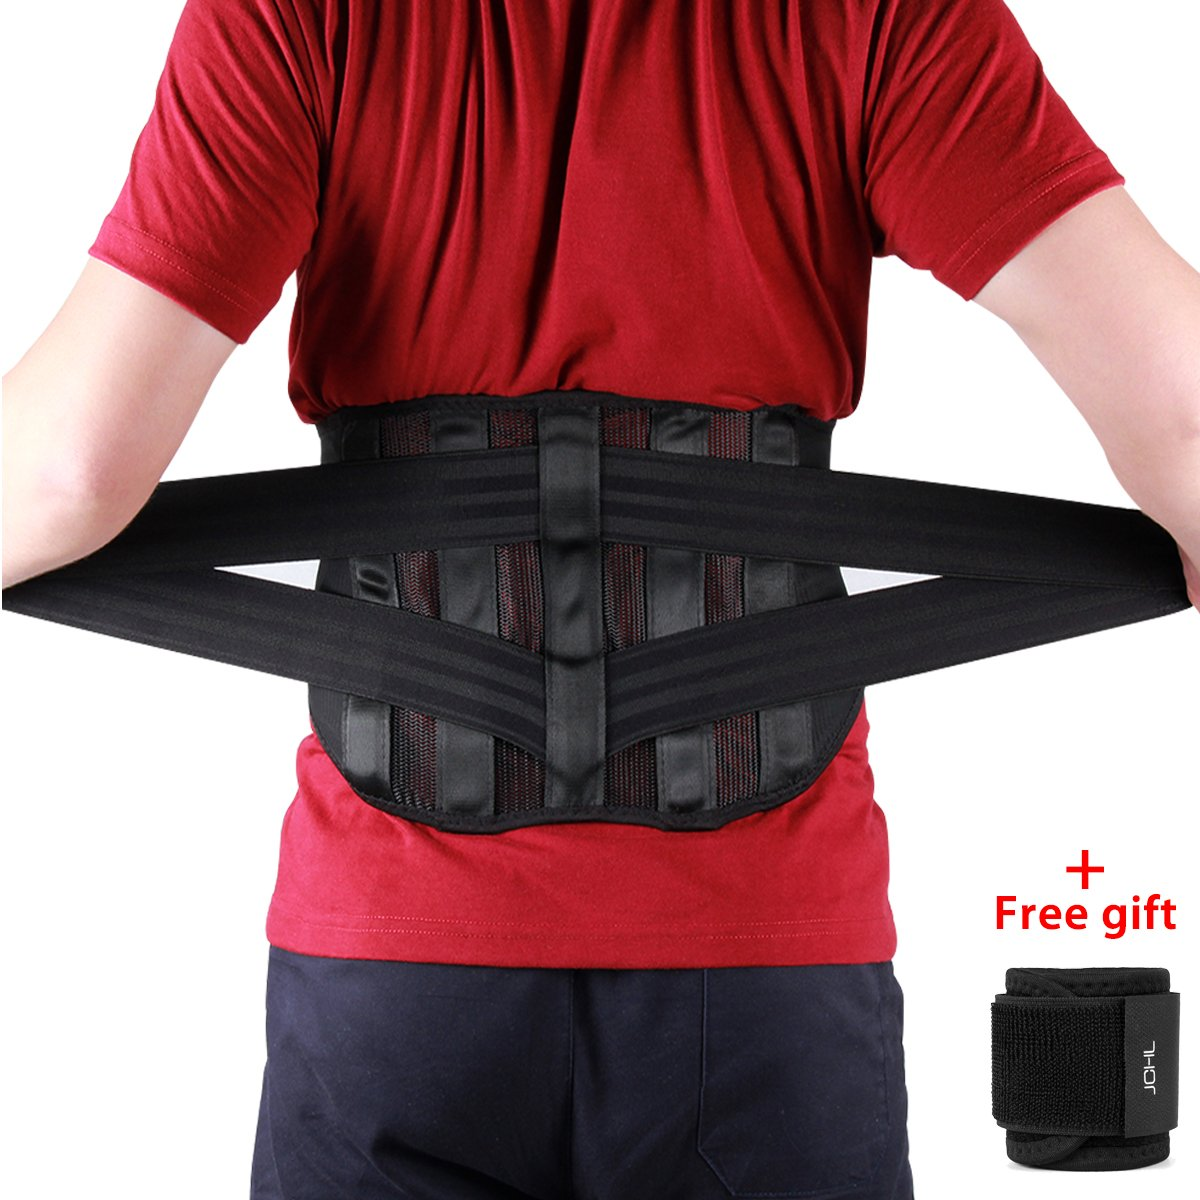 JCHL Lower Back Brace X-Large